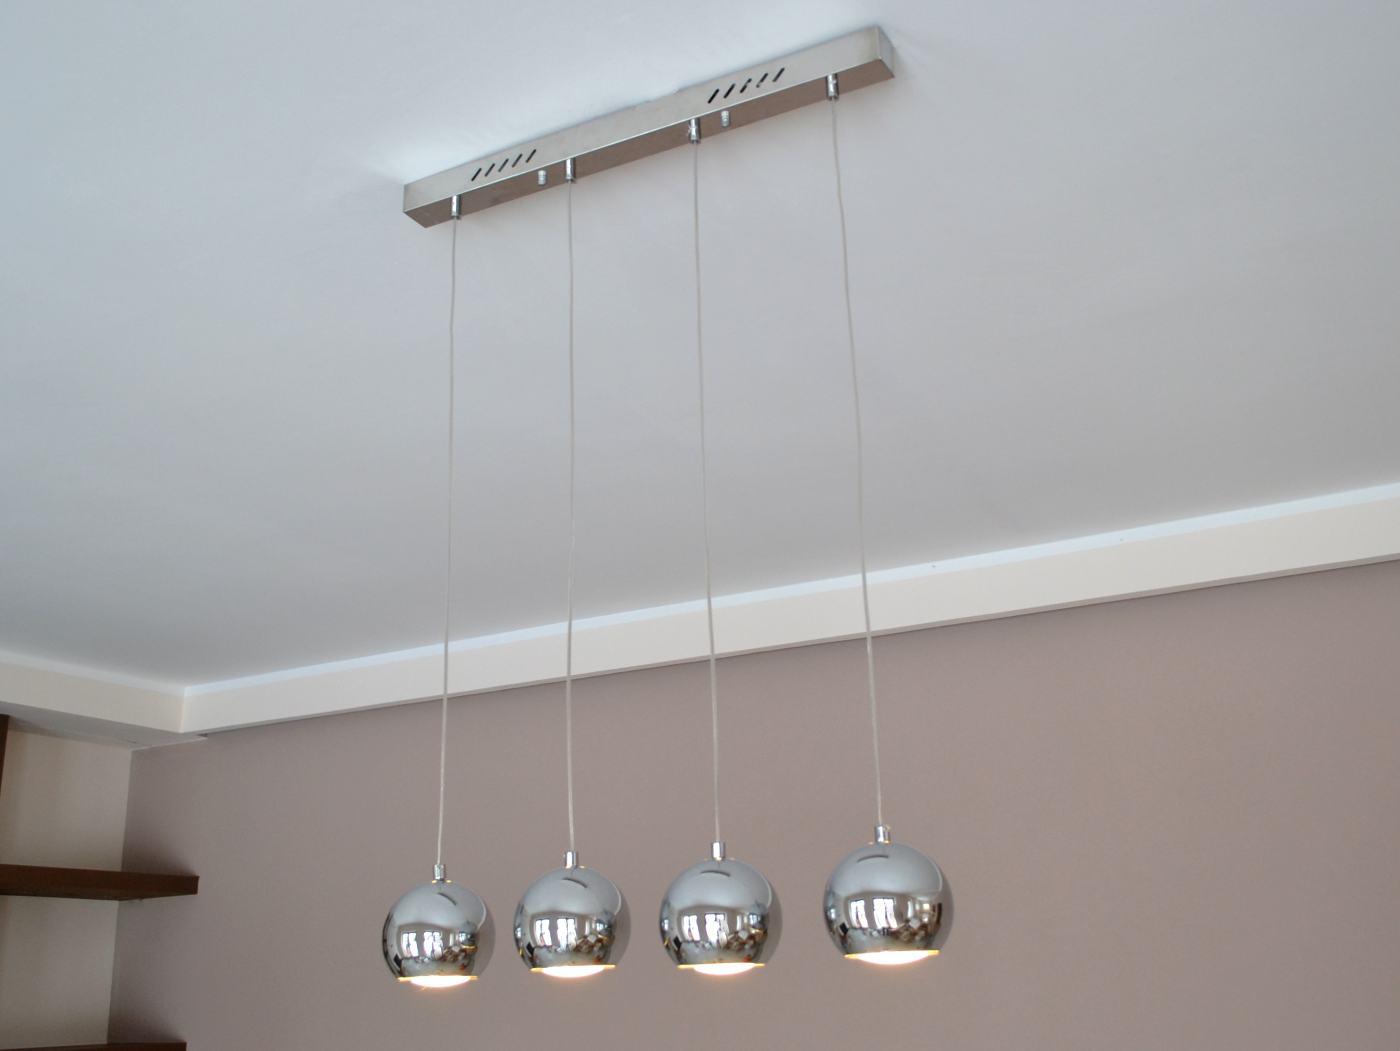 led h ngelampe cala 4 h ngeleuchte pendellampe designer lampe 20 watt top neu ebay. Black Bedroom Furniture Sets. Home Design Ideas